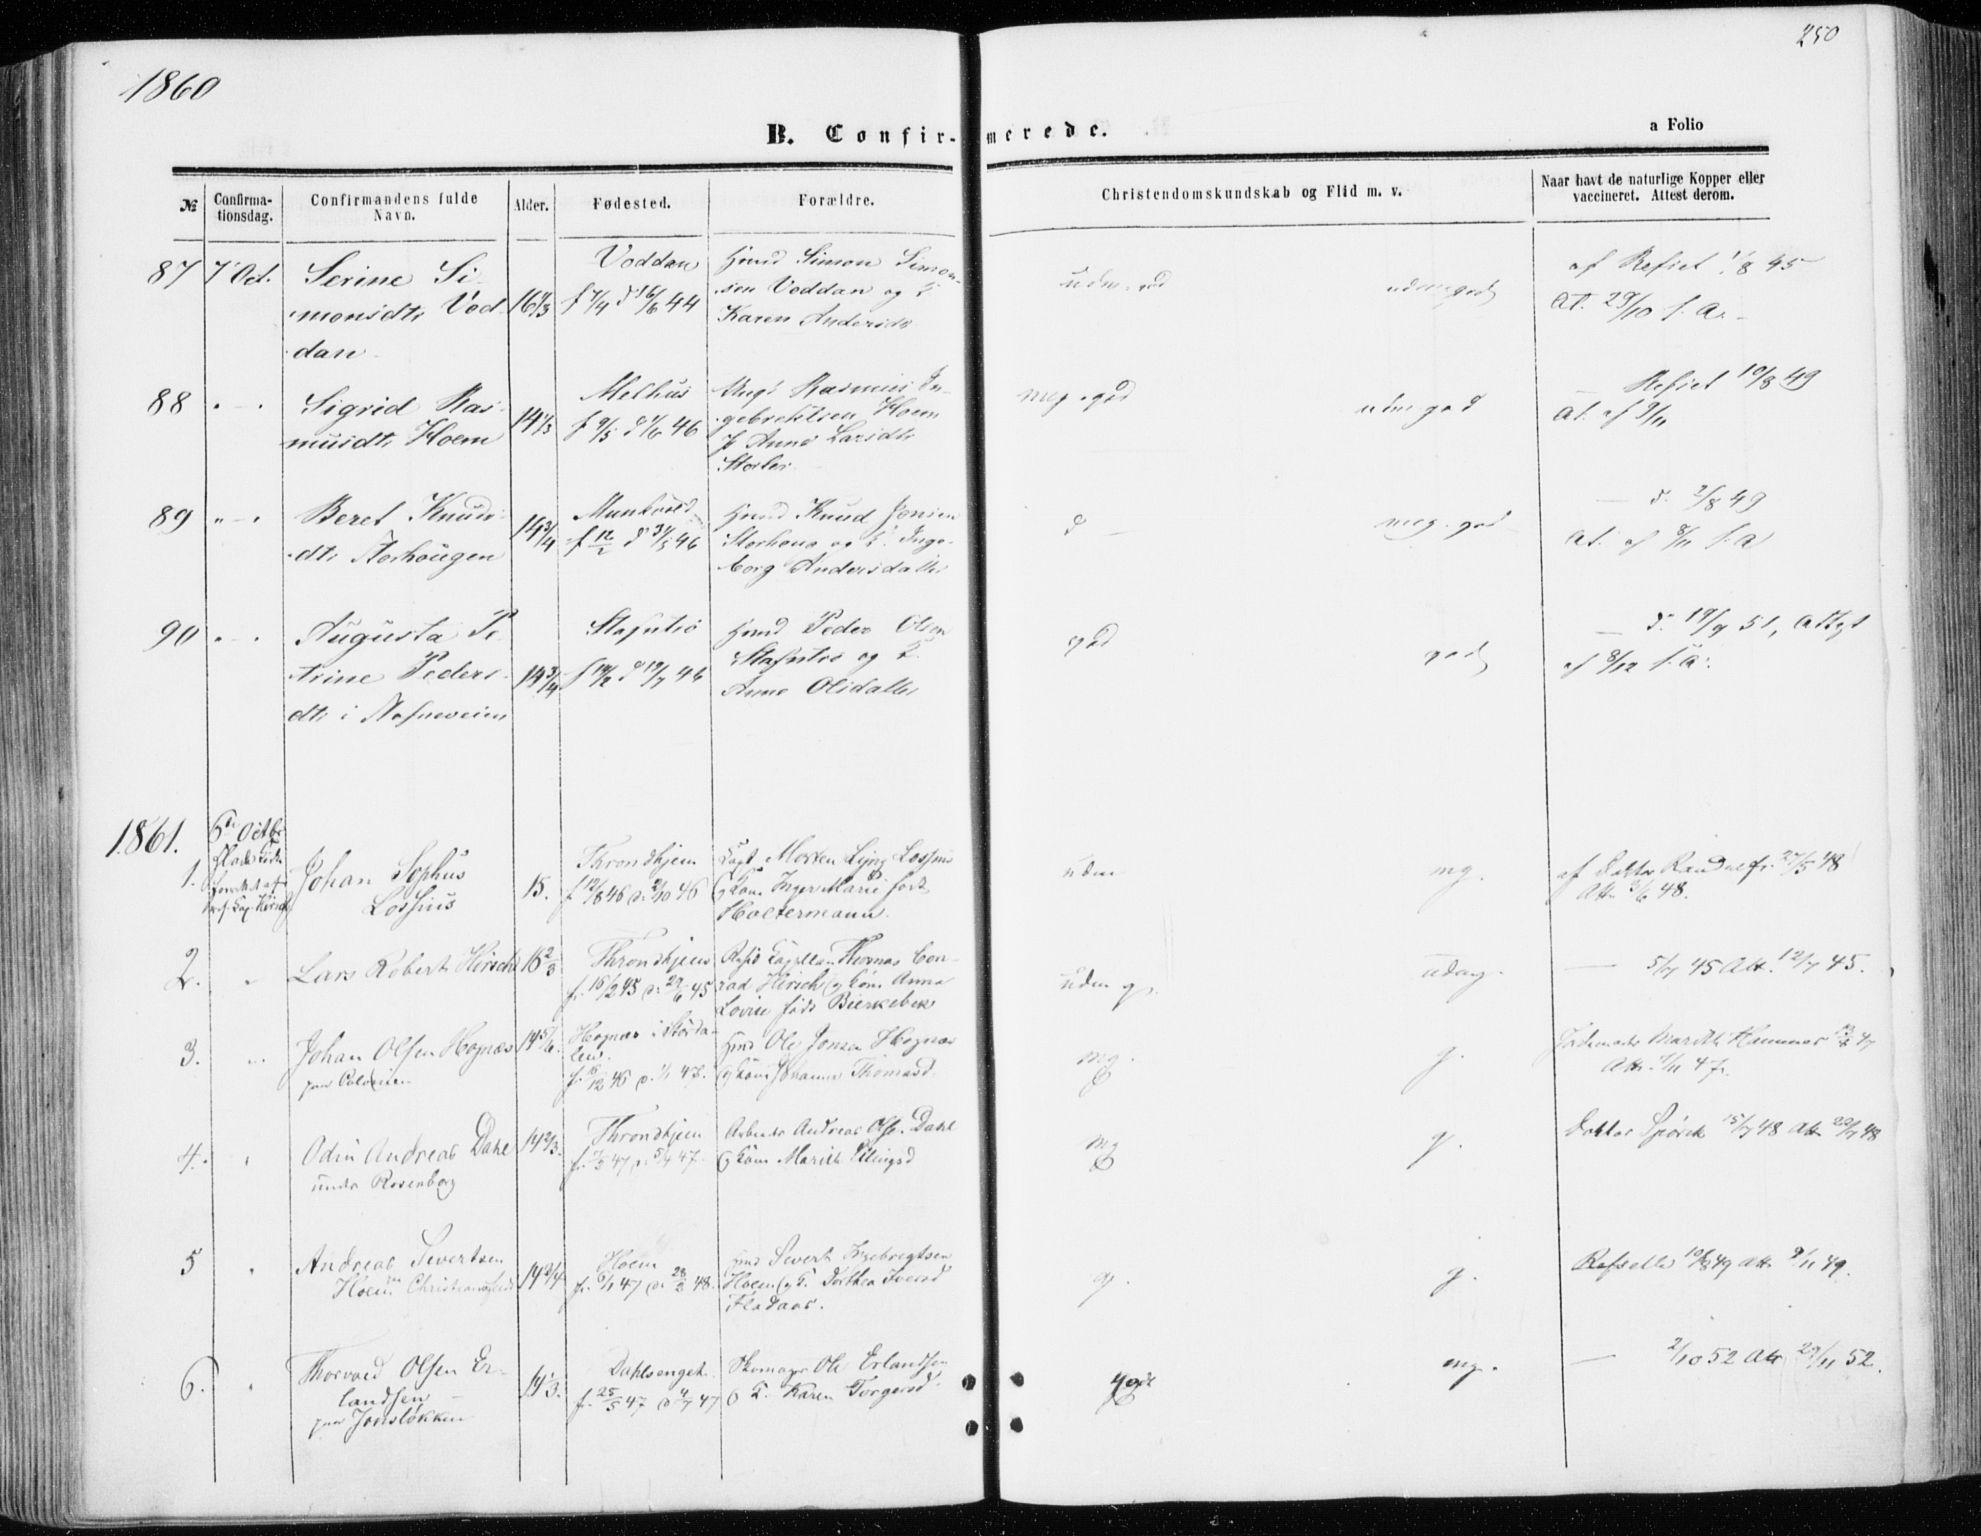 SAT, Ministerialprotokoller, klokkerbøker og fødselsregistre - Sør-Trøndelag, 606/L0292: Ministerialbok nr. 606A07, 1856-1865, s. 250